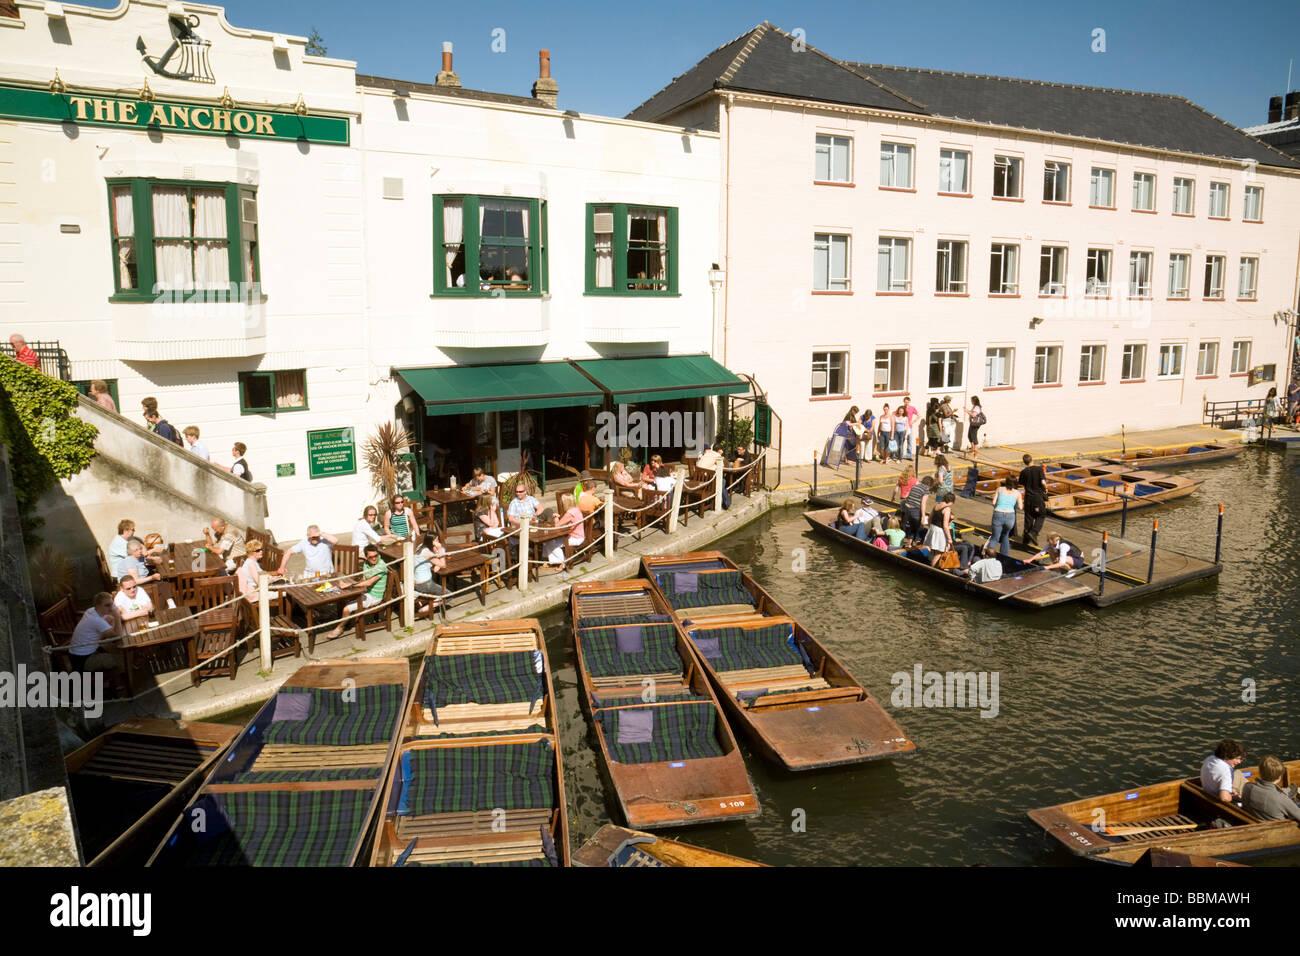 L'anchor pub avec plates dans le moulin, piscine, sur un jour d'été, Cambridge, Royaume-Uni Photo Stock